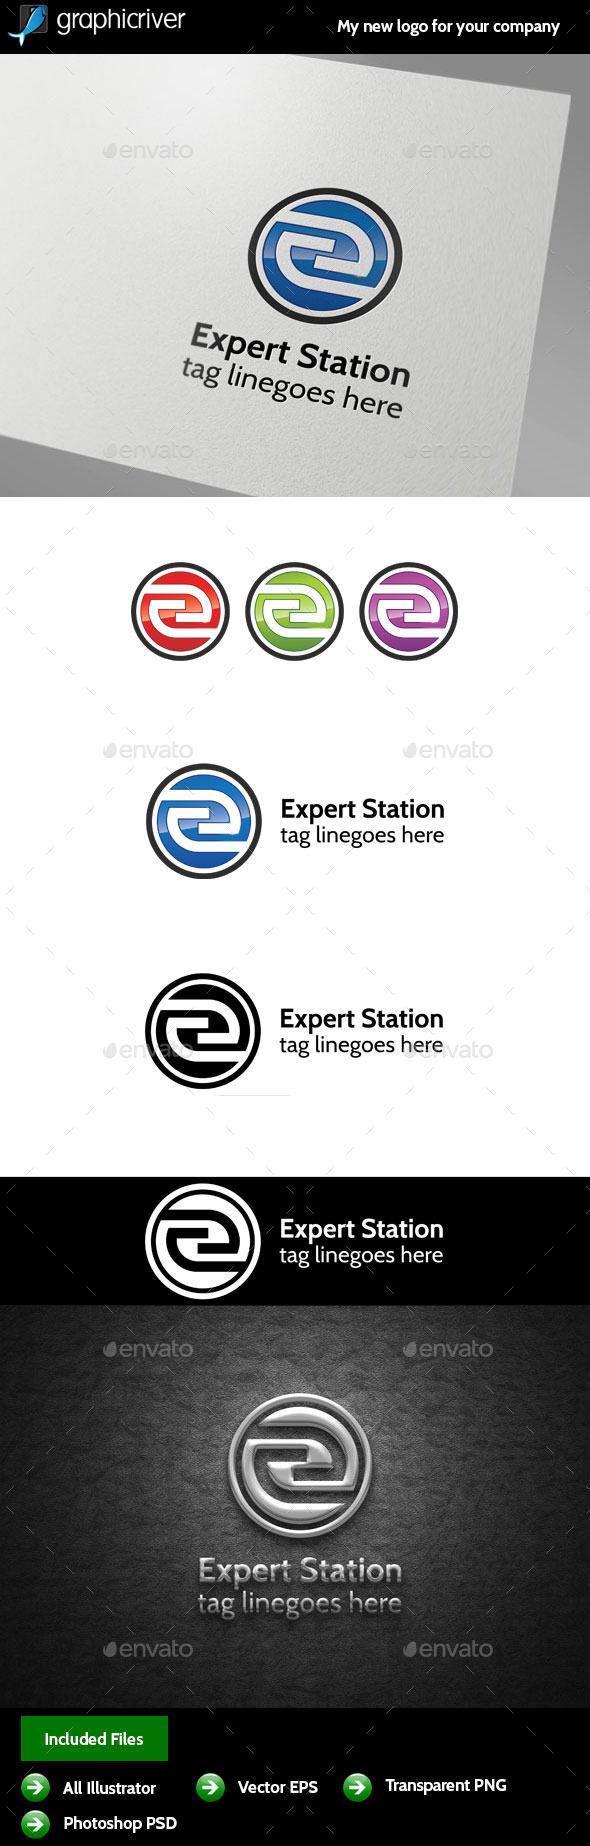 GraphicRiver Letter E Logo 9950359